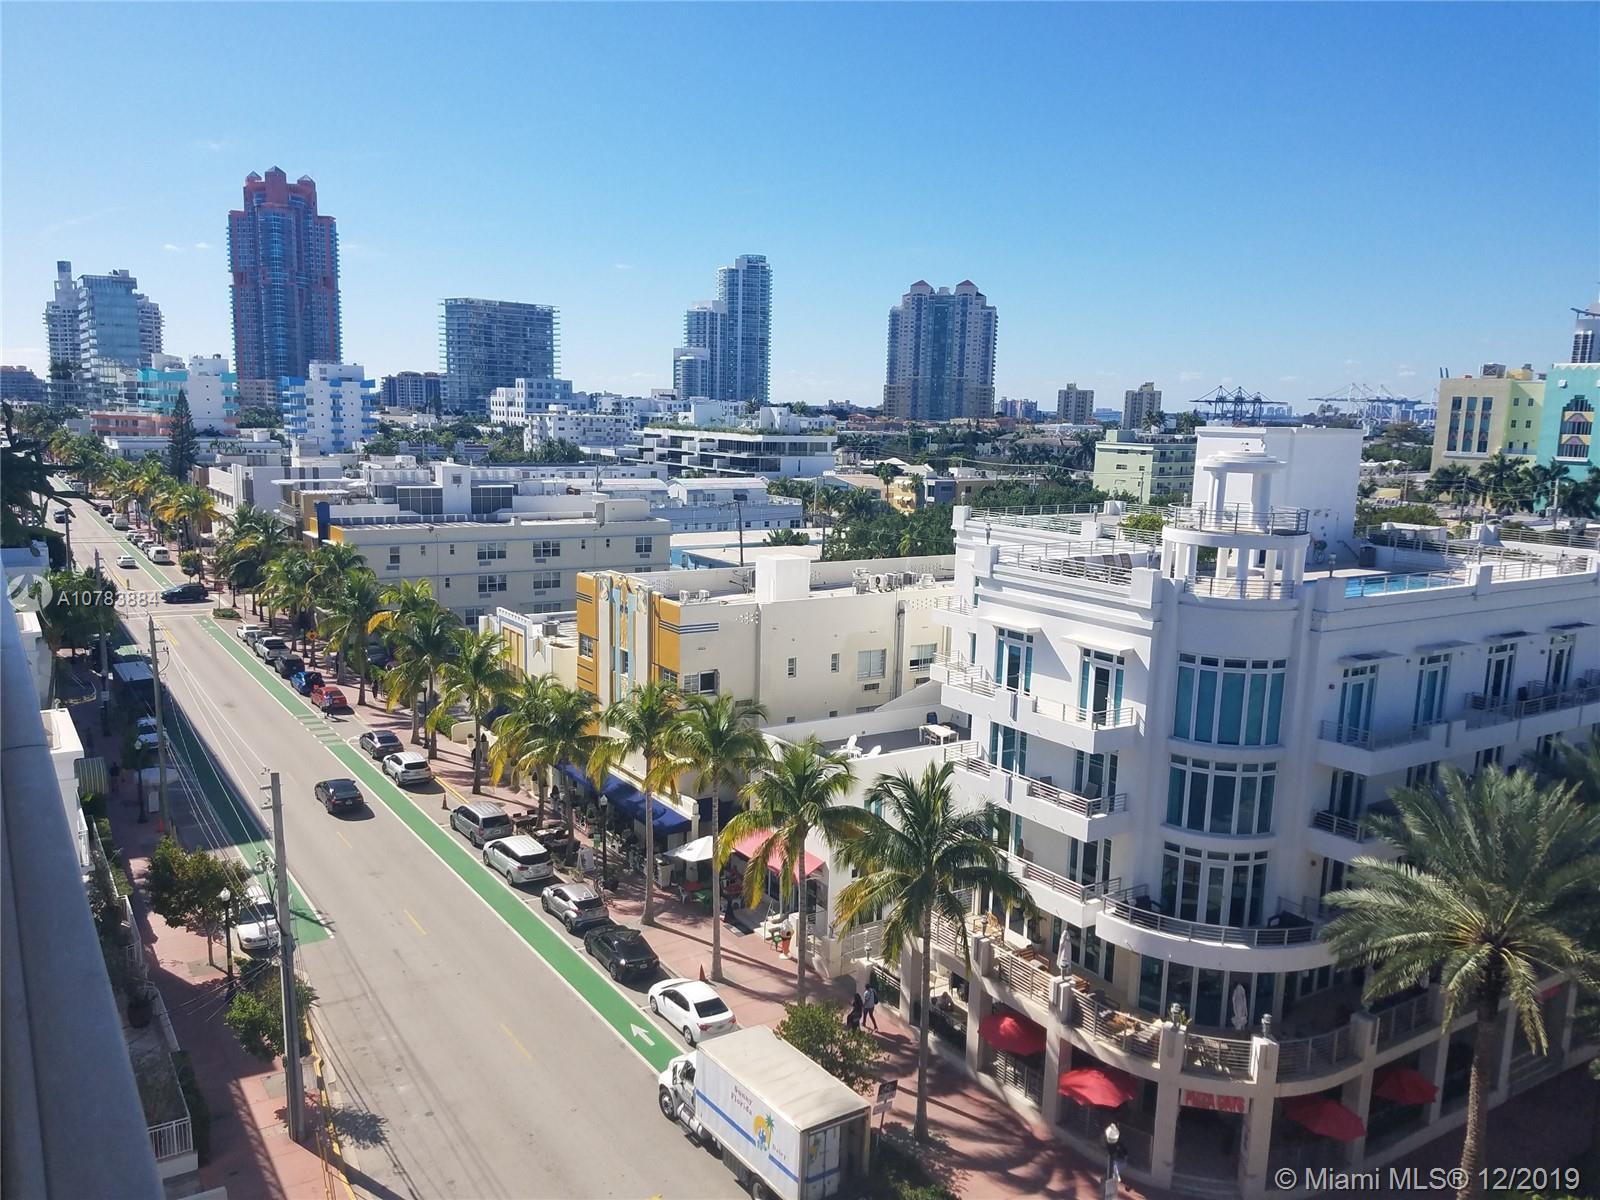 465 Ocean Dr, 902 - Miami Beach, Florida